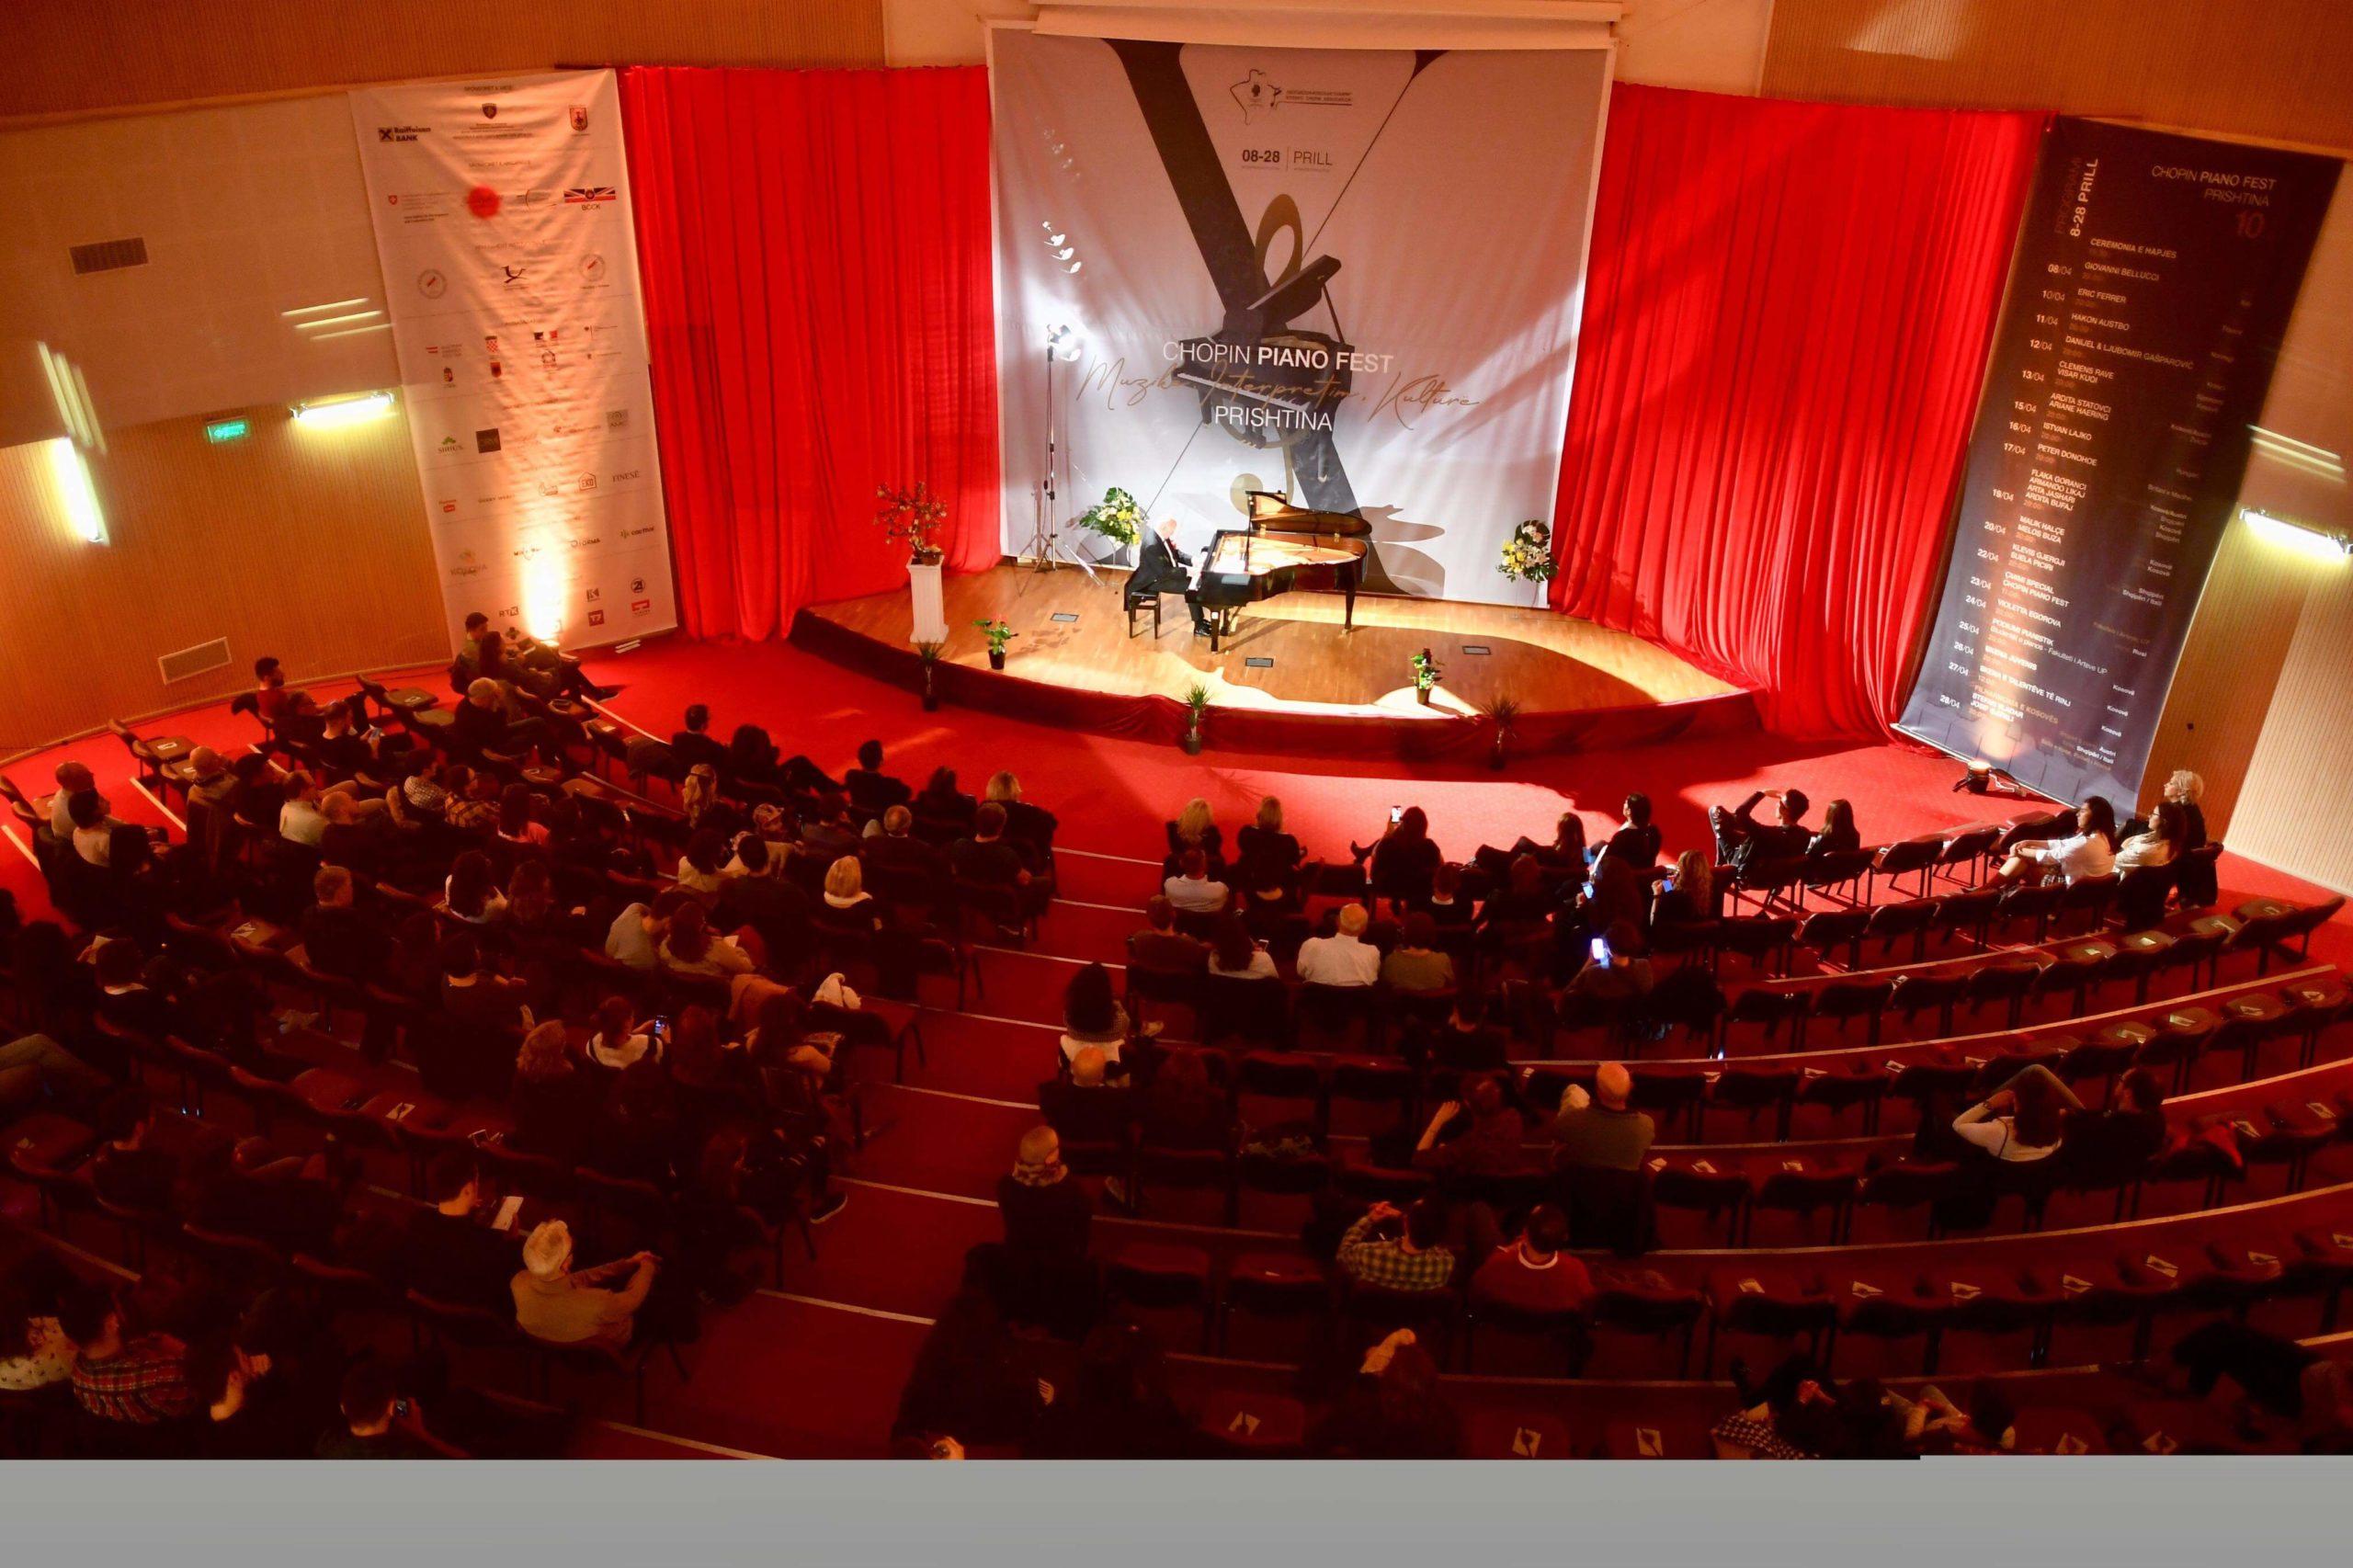 Eric Ferrer Chopin Piano Fest